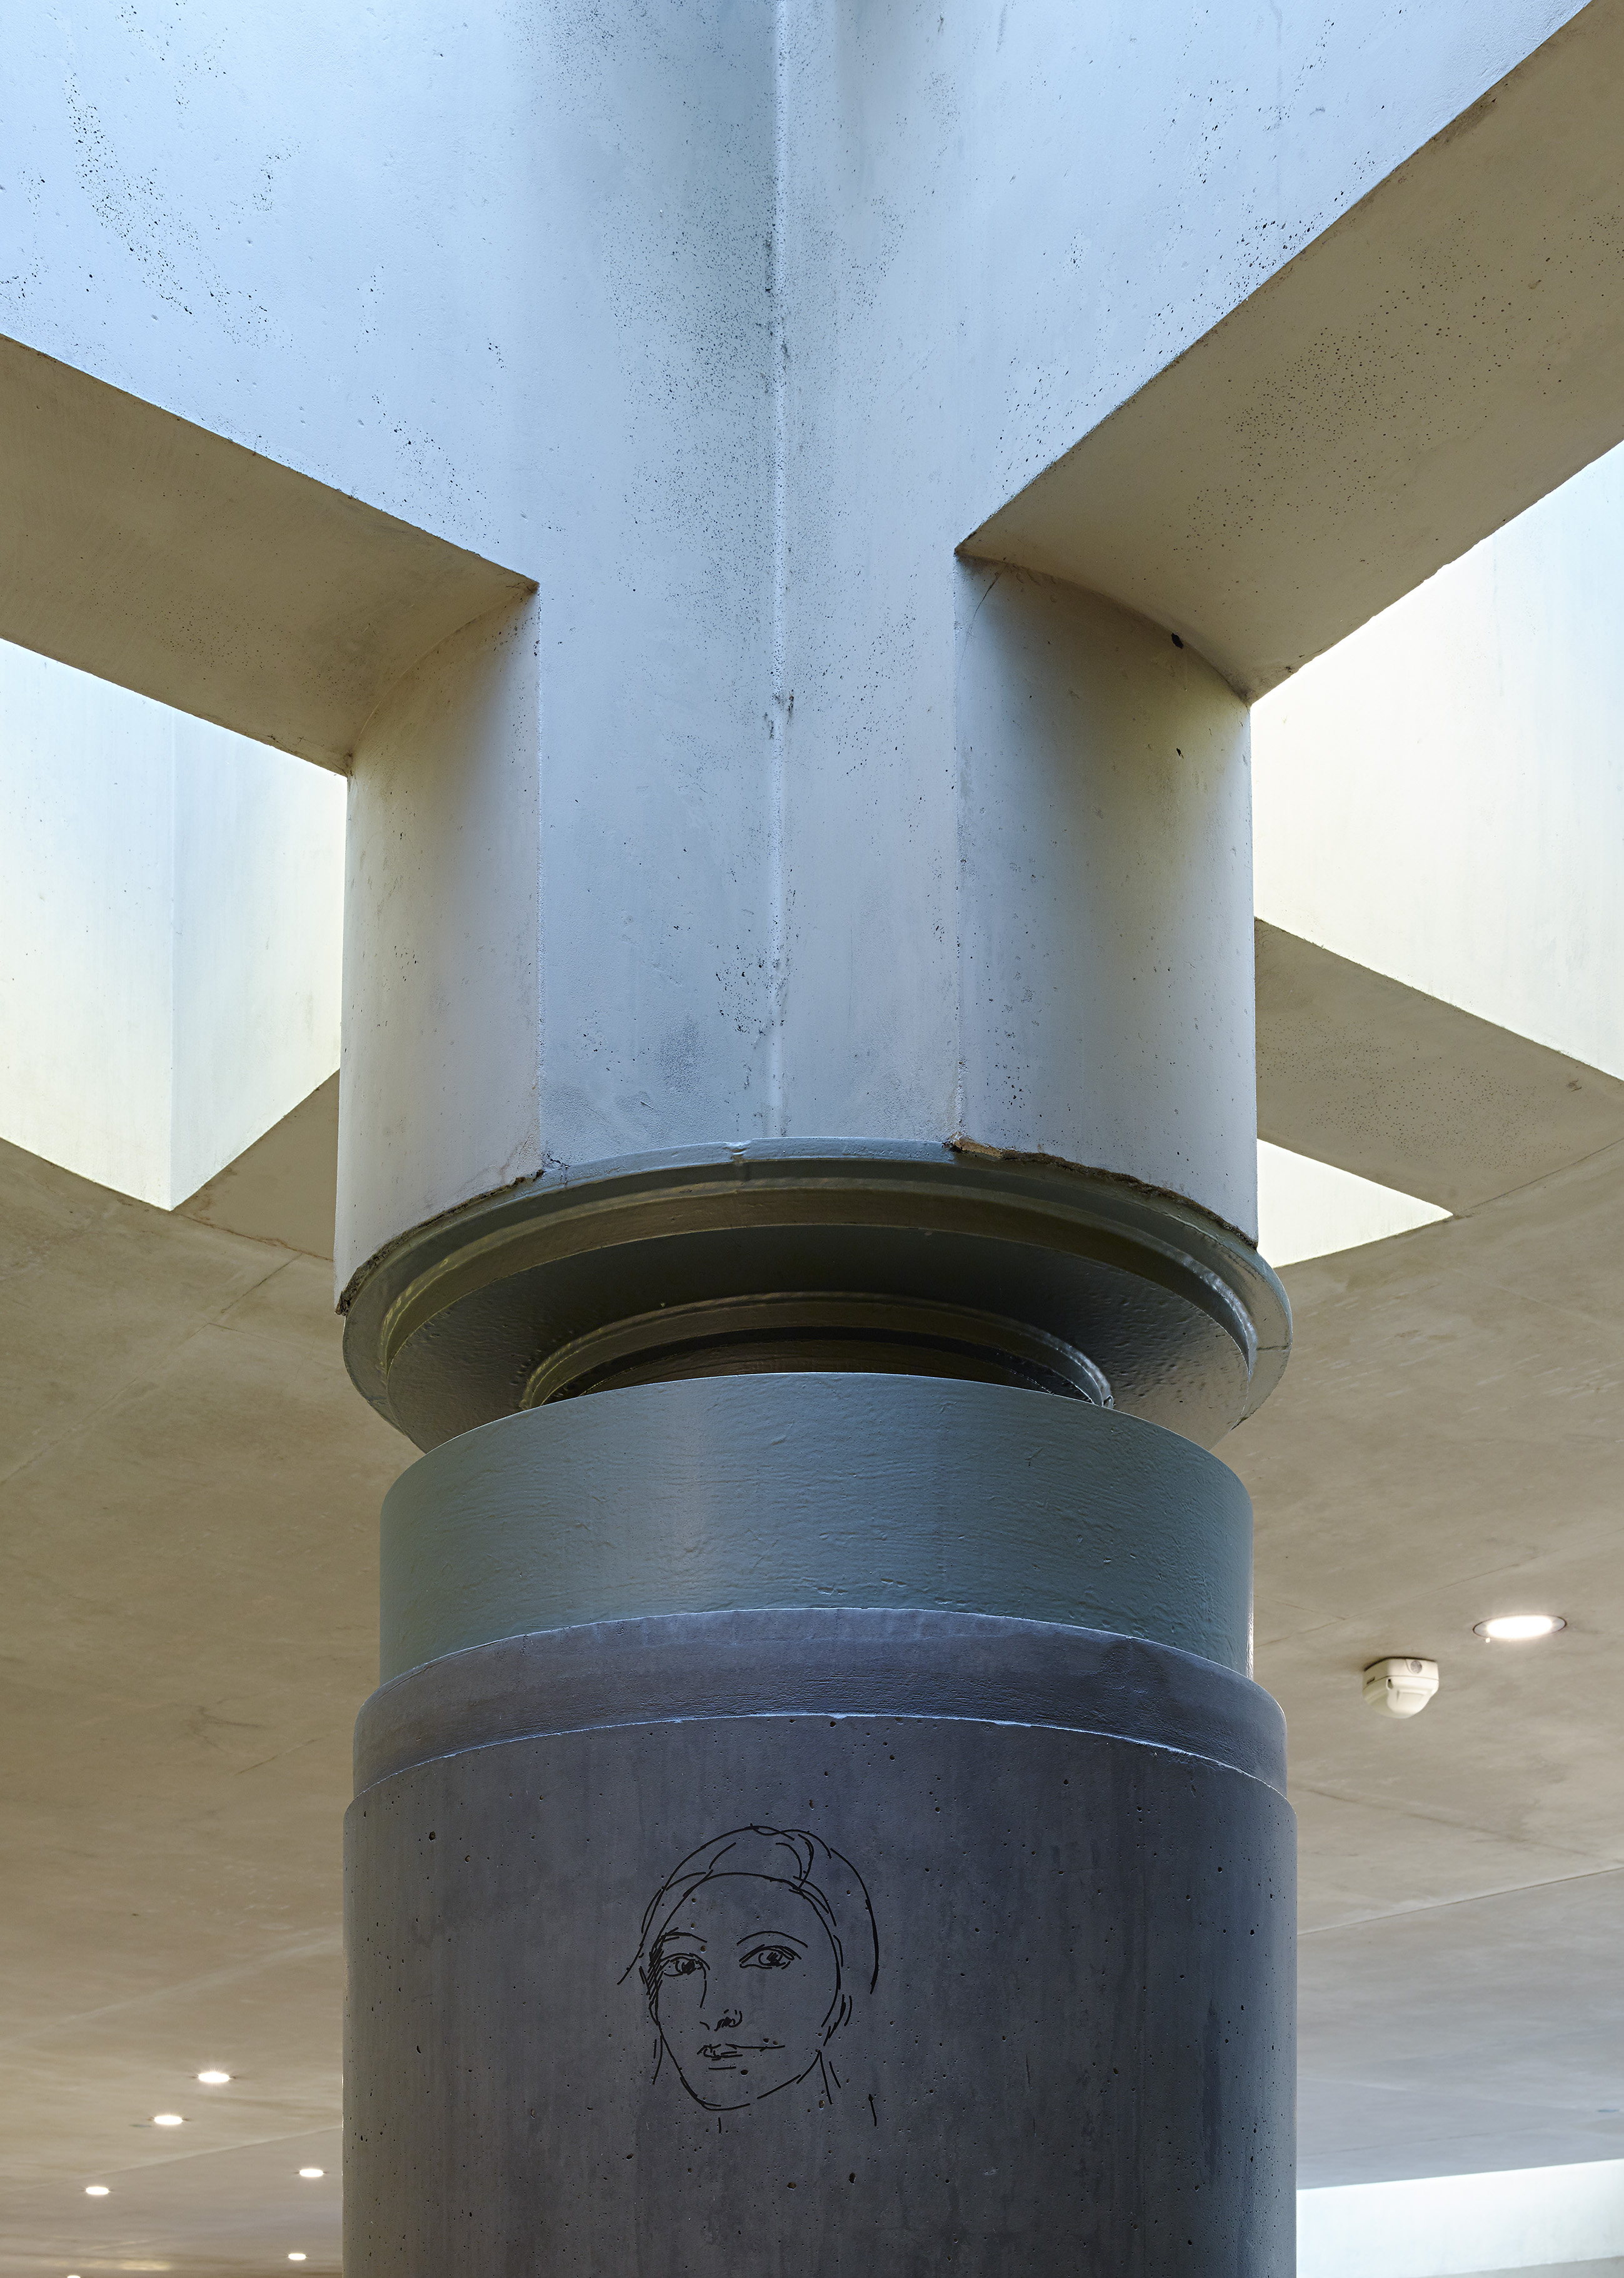 U-Bahnhof Bundestag_Stimmen_Mona Jas_1_Foto Michel Bonvin